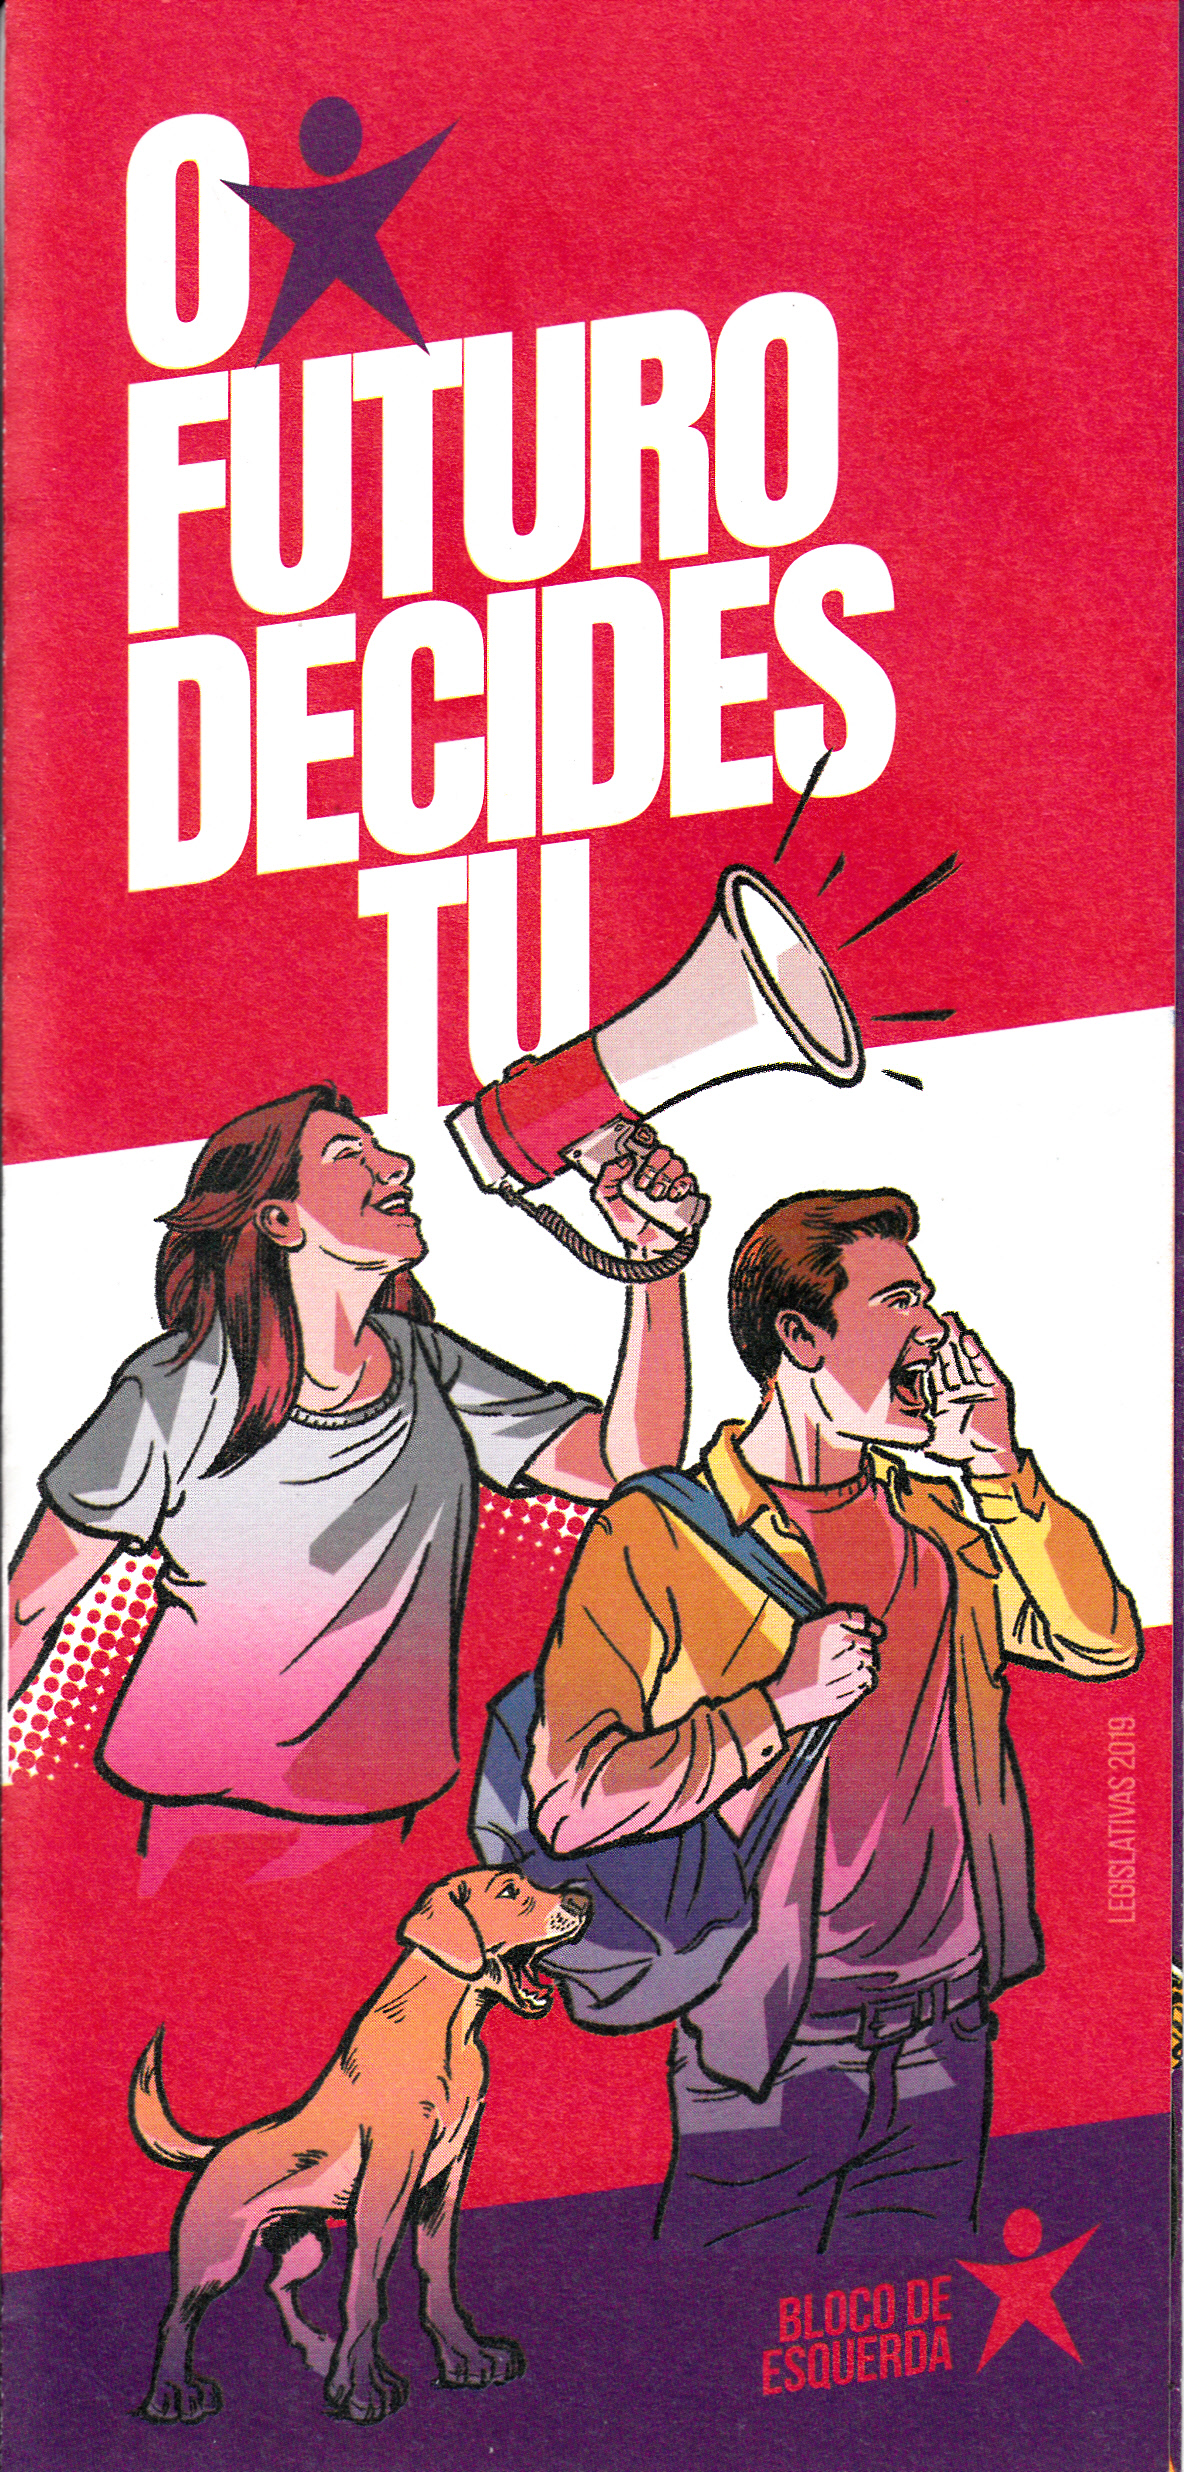 BE_O futuro decides tu